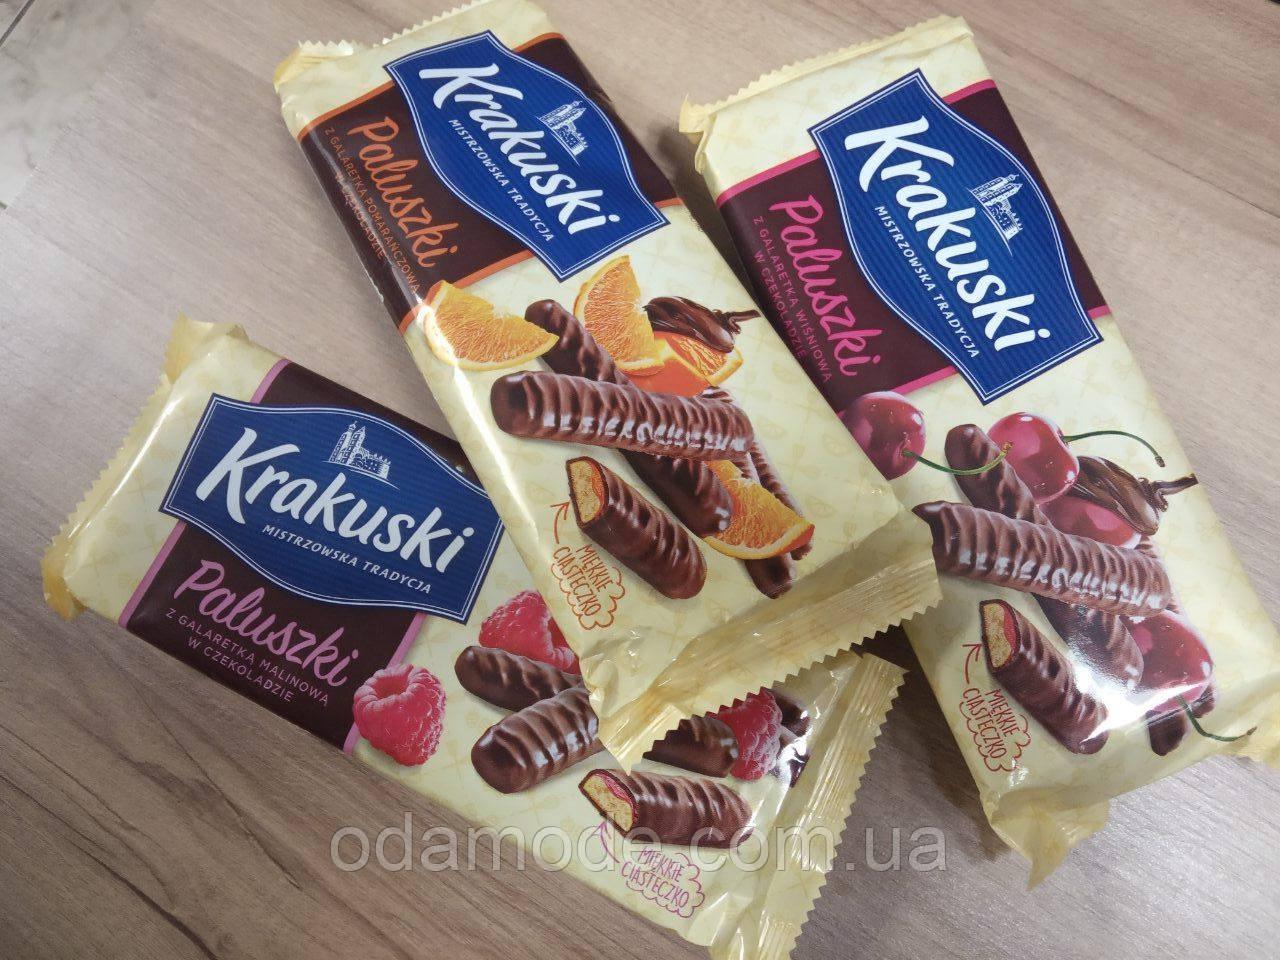 Печиво в шоколаді з желе Krakuski 144г (Польща)